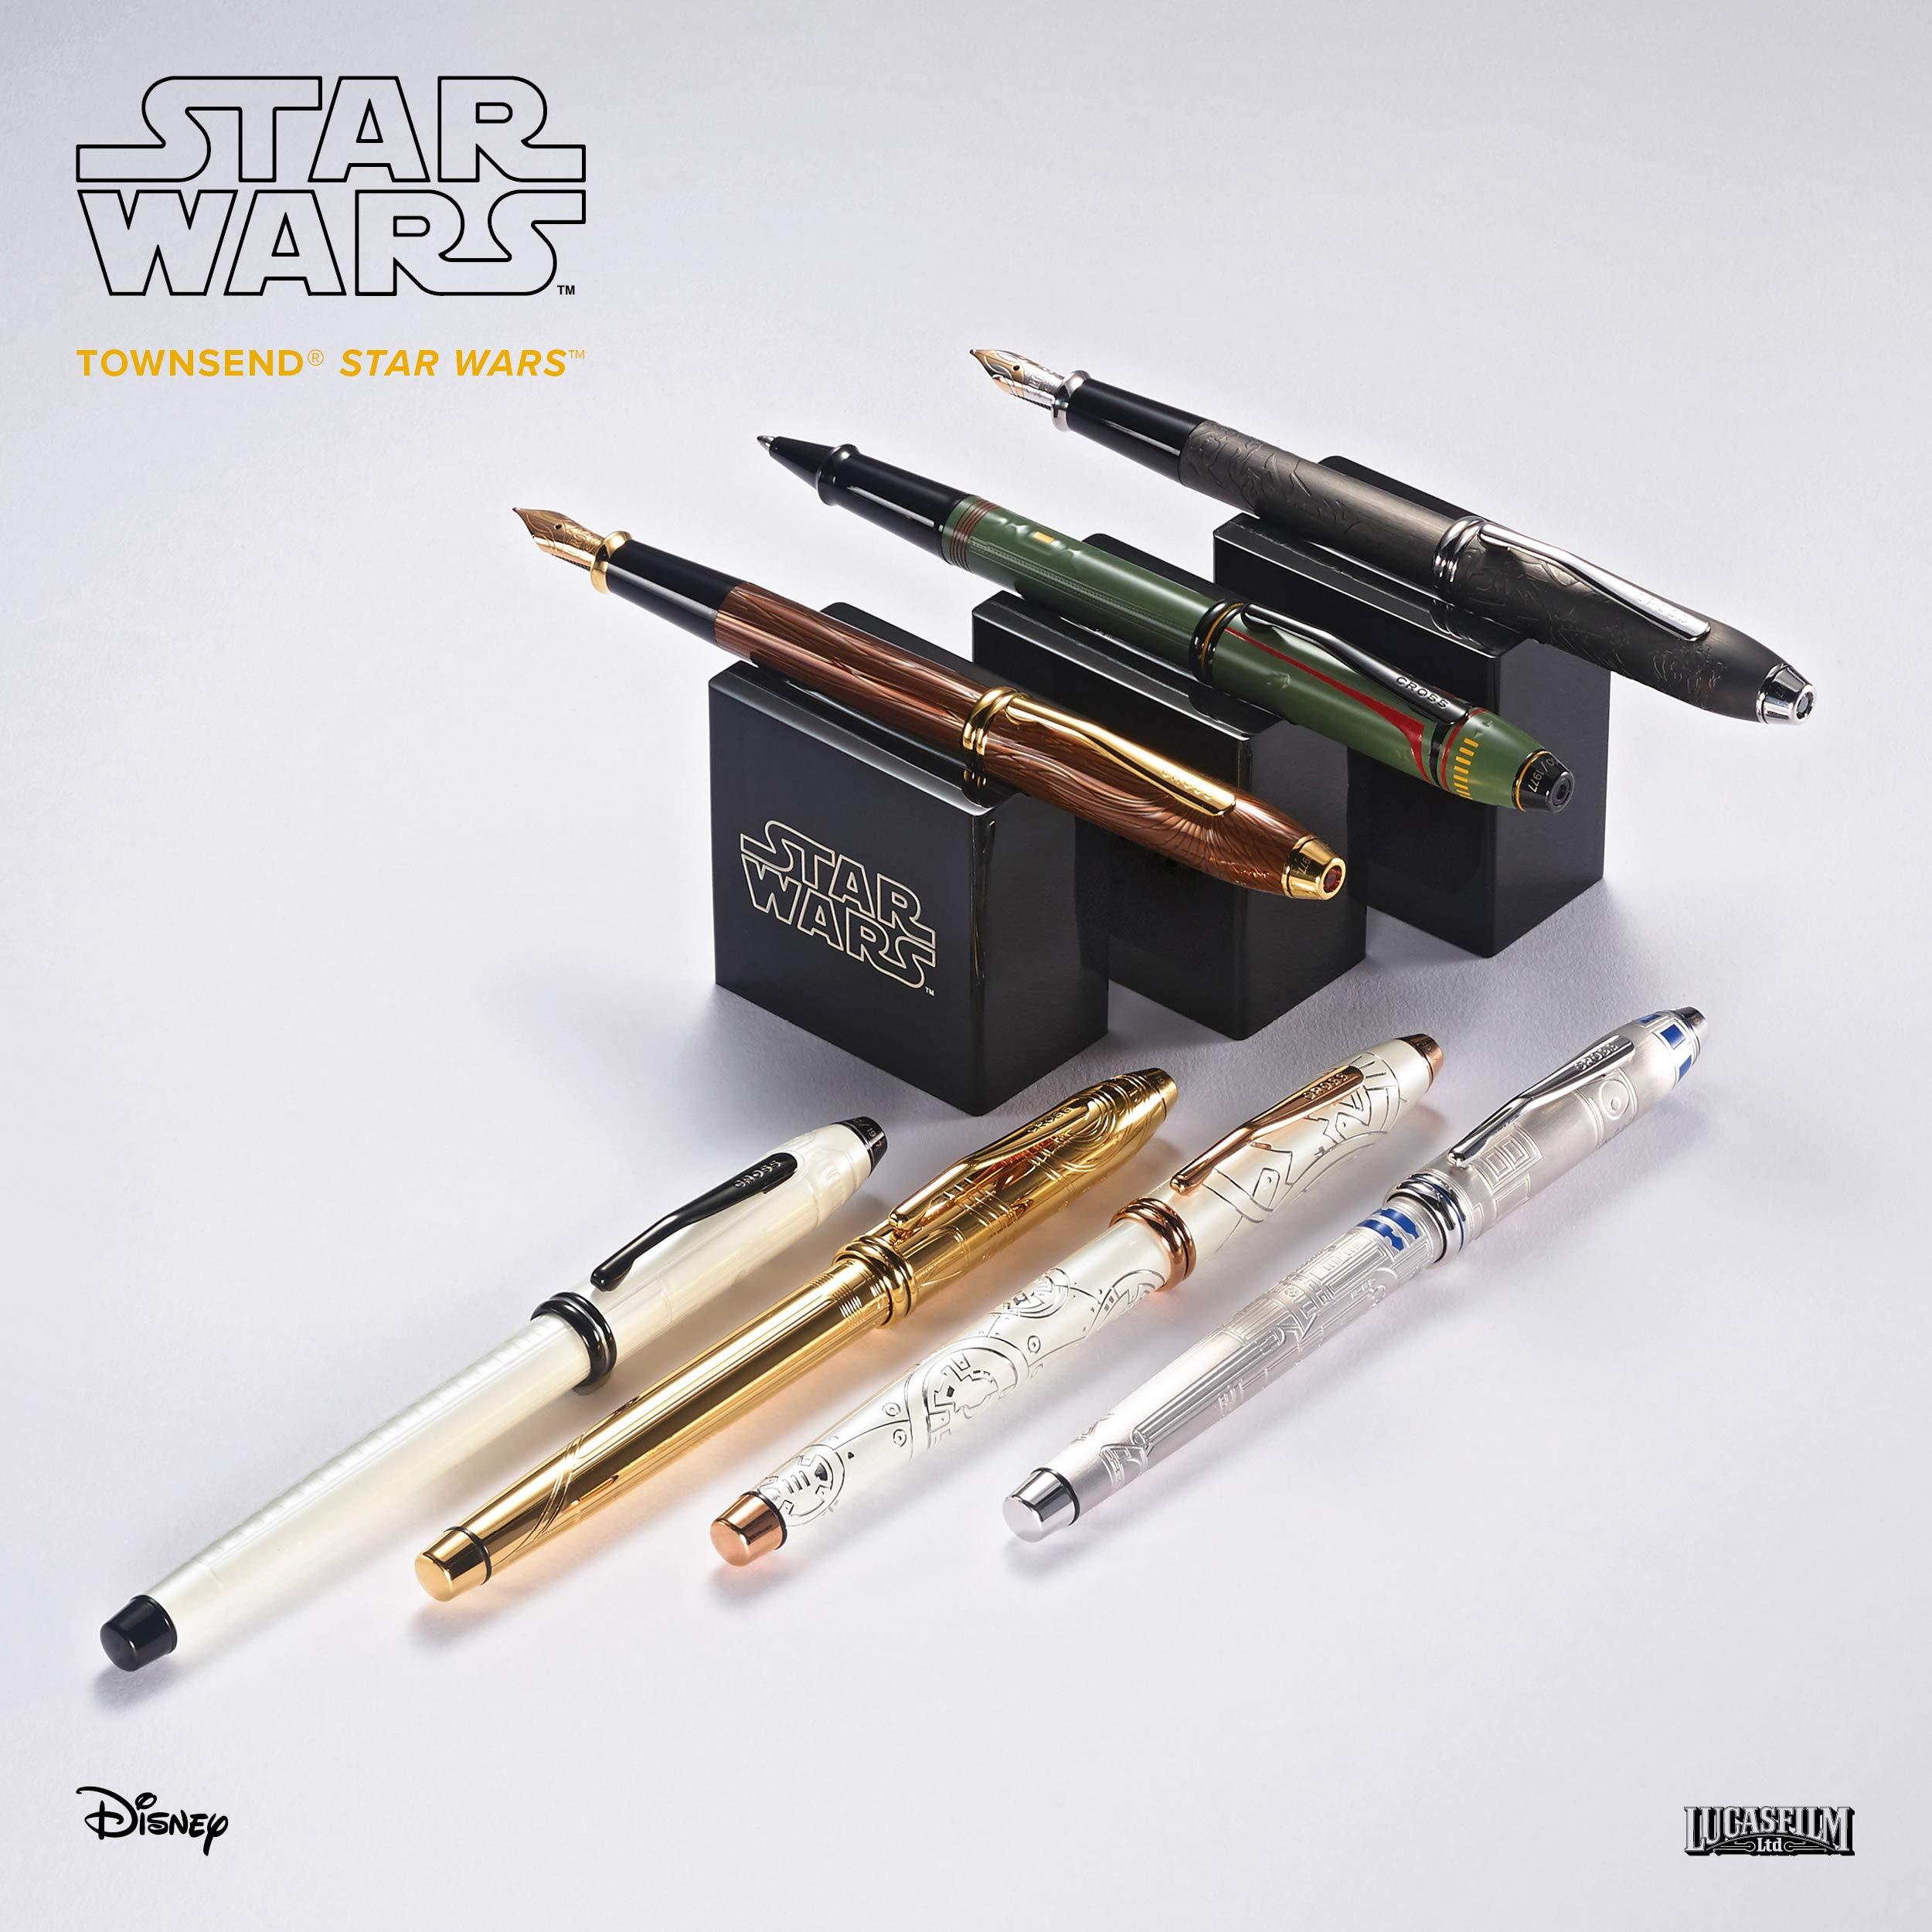 Cross Townsend Star Wars Collection Chewbacca - Bolígrafo de tinta de gel: Amazon.es: Oficina y papelería